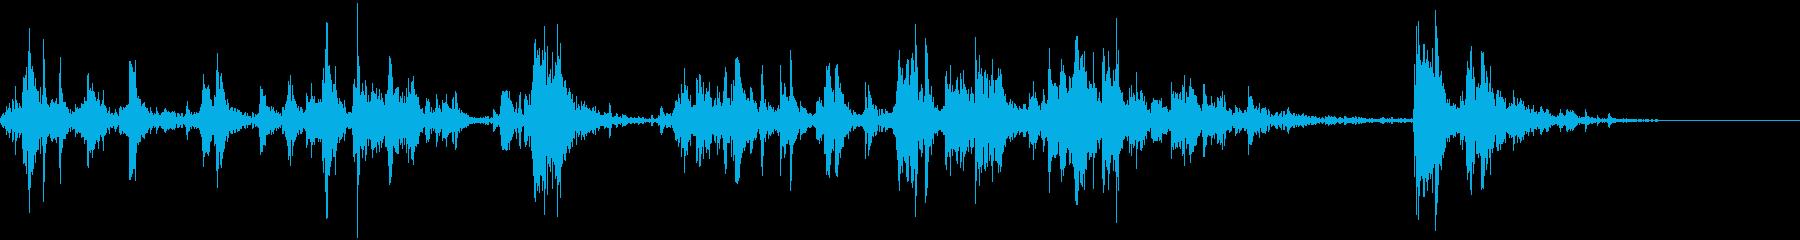 ヒルサイドダウンカークラッシュの再生済みの波形